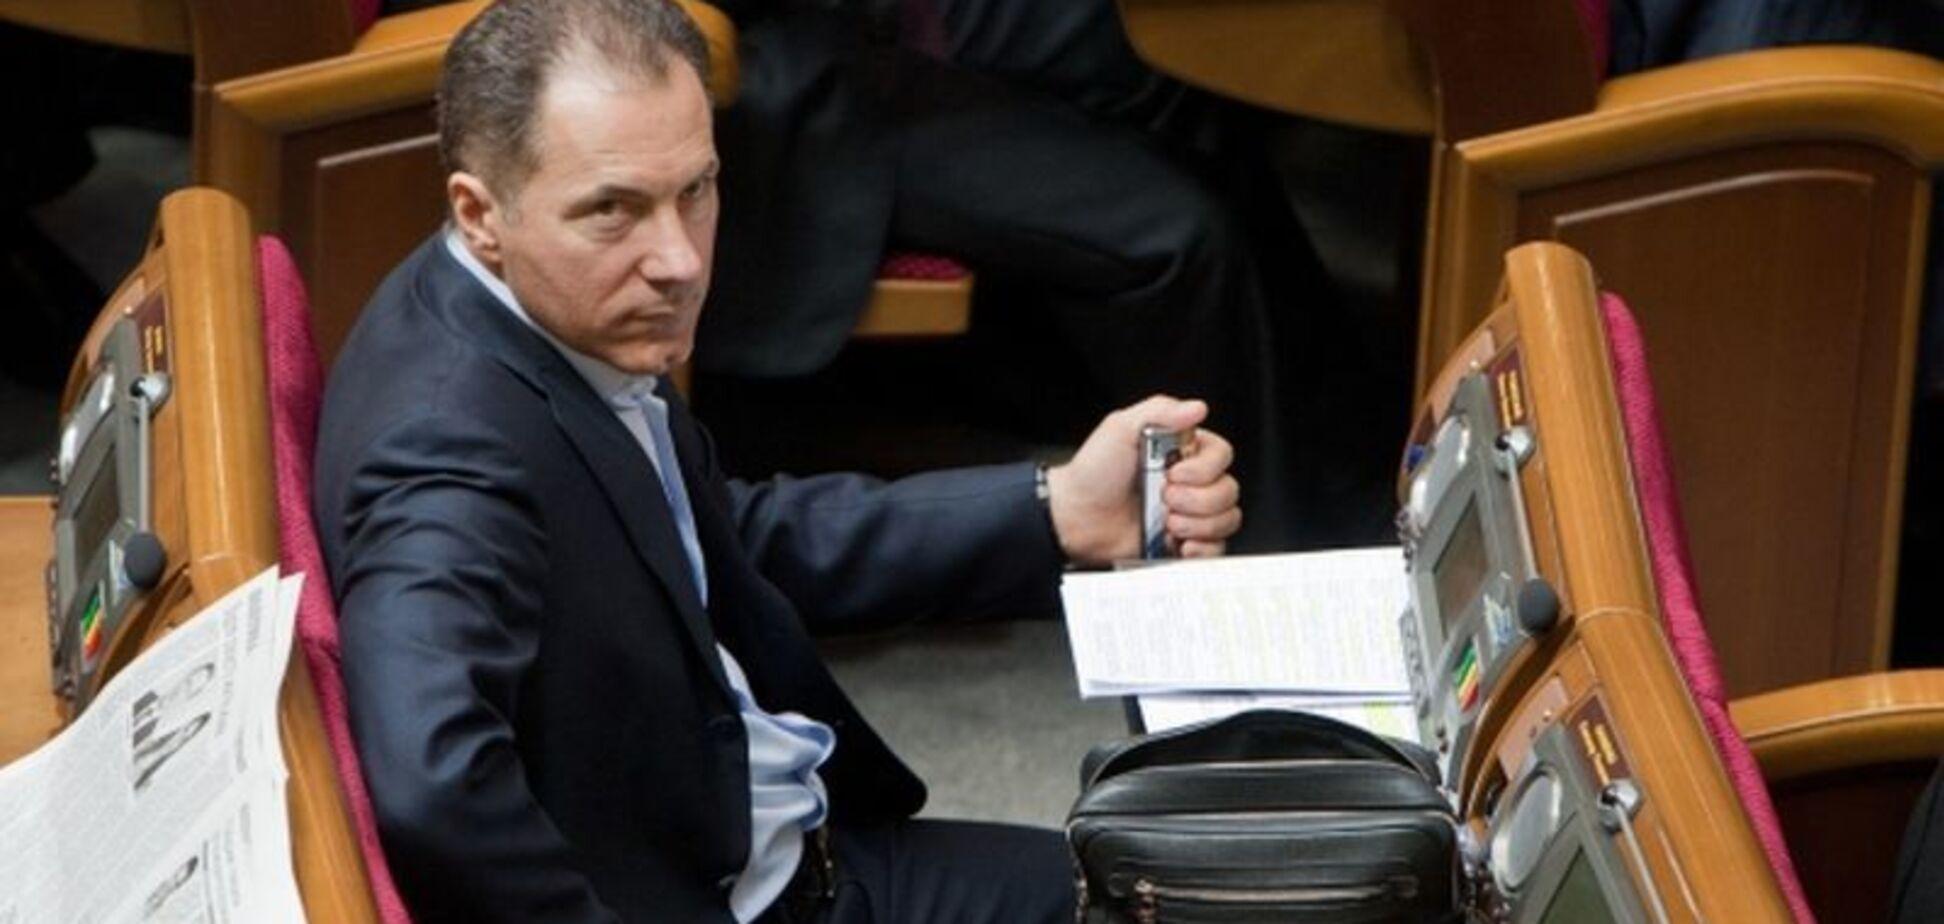 Засуджений екс-міністр України загримів до психлікарні: його план з тріском провалився